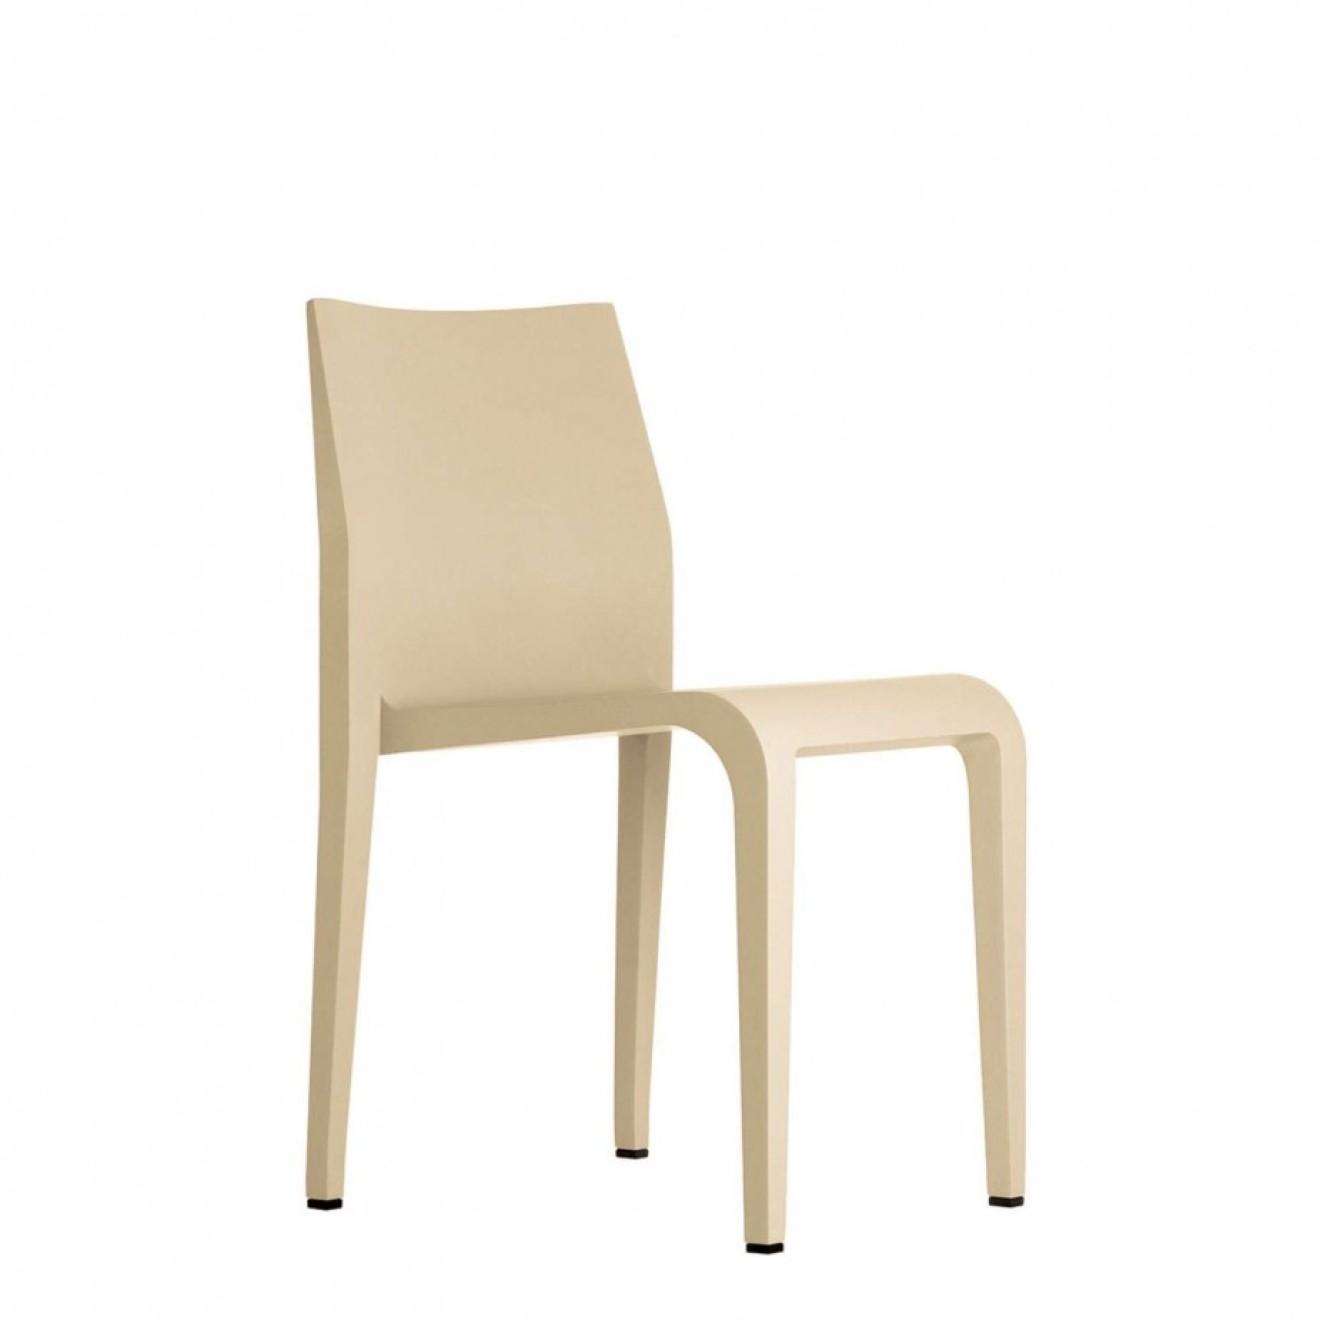 Alias design for Design stuhl hersteller